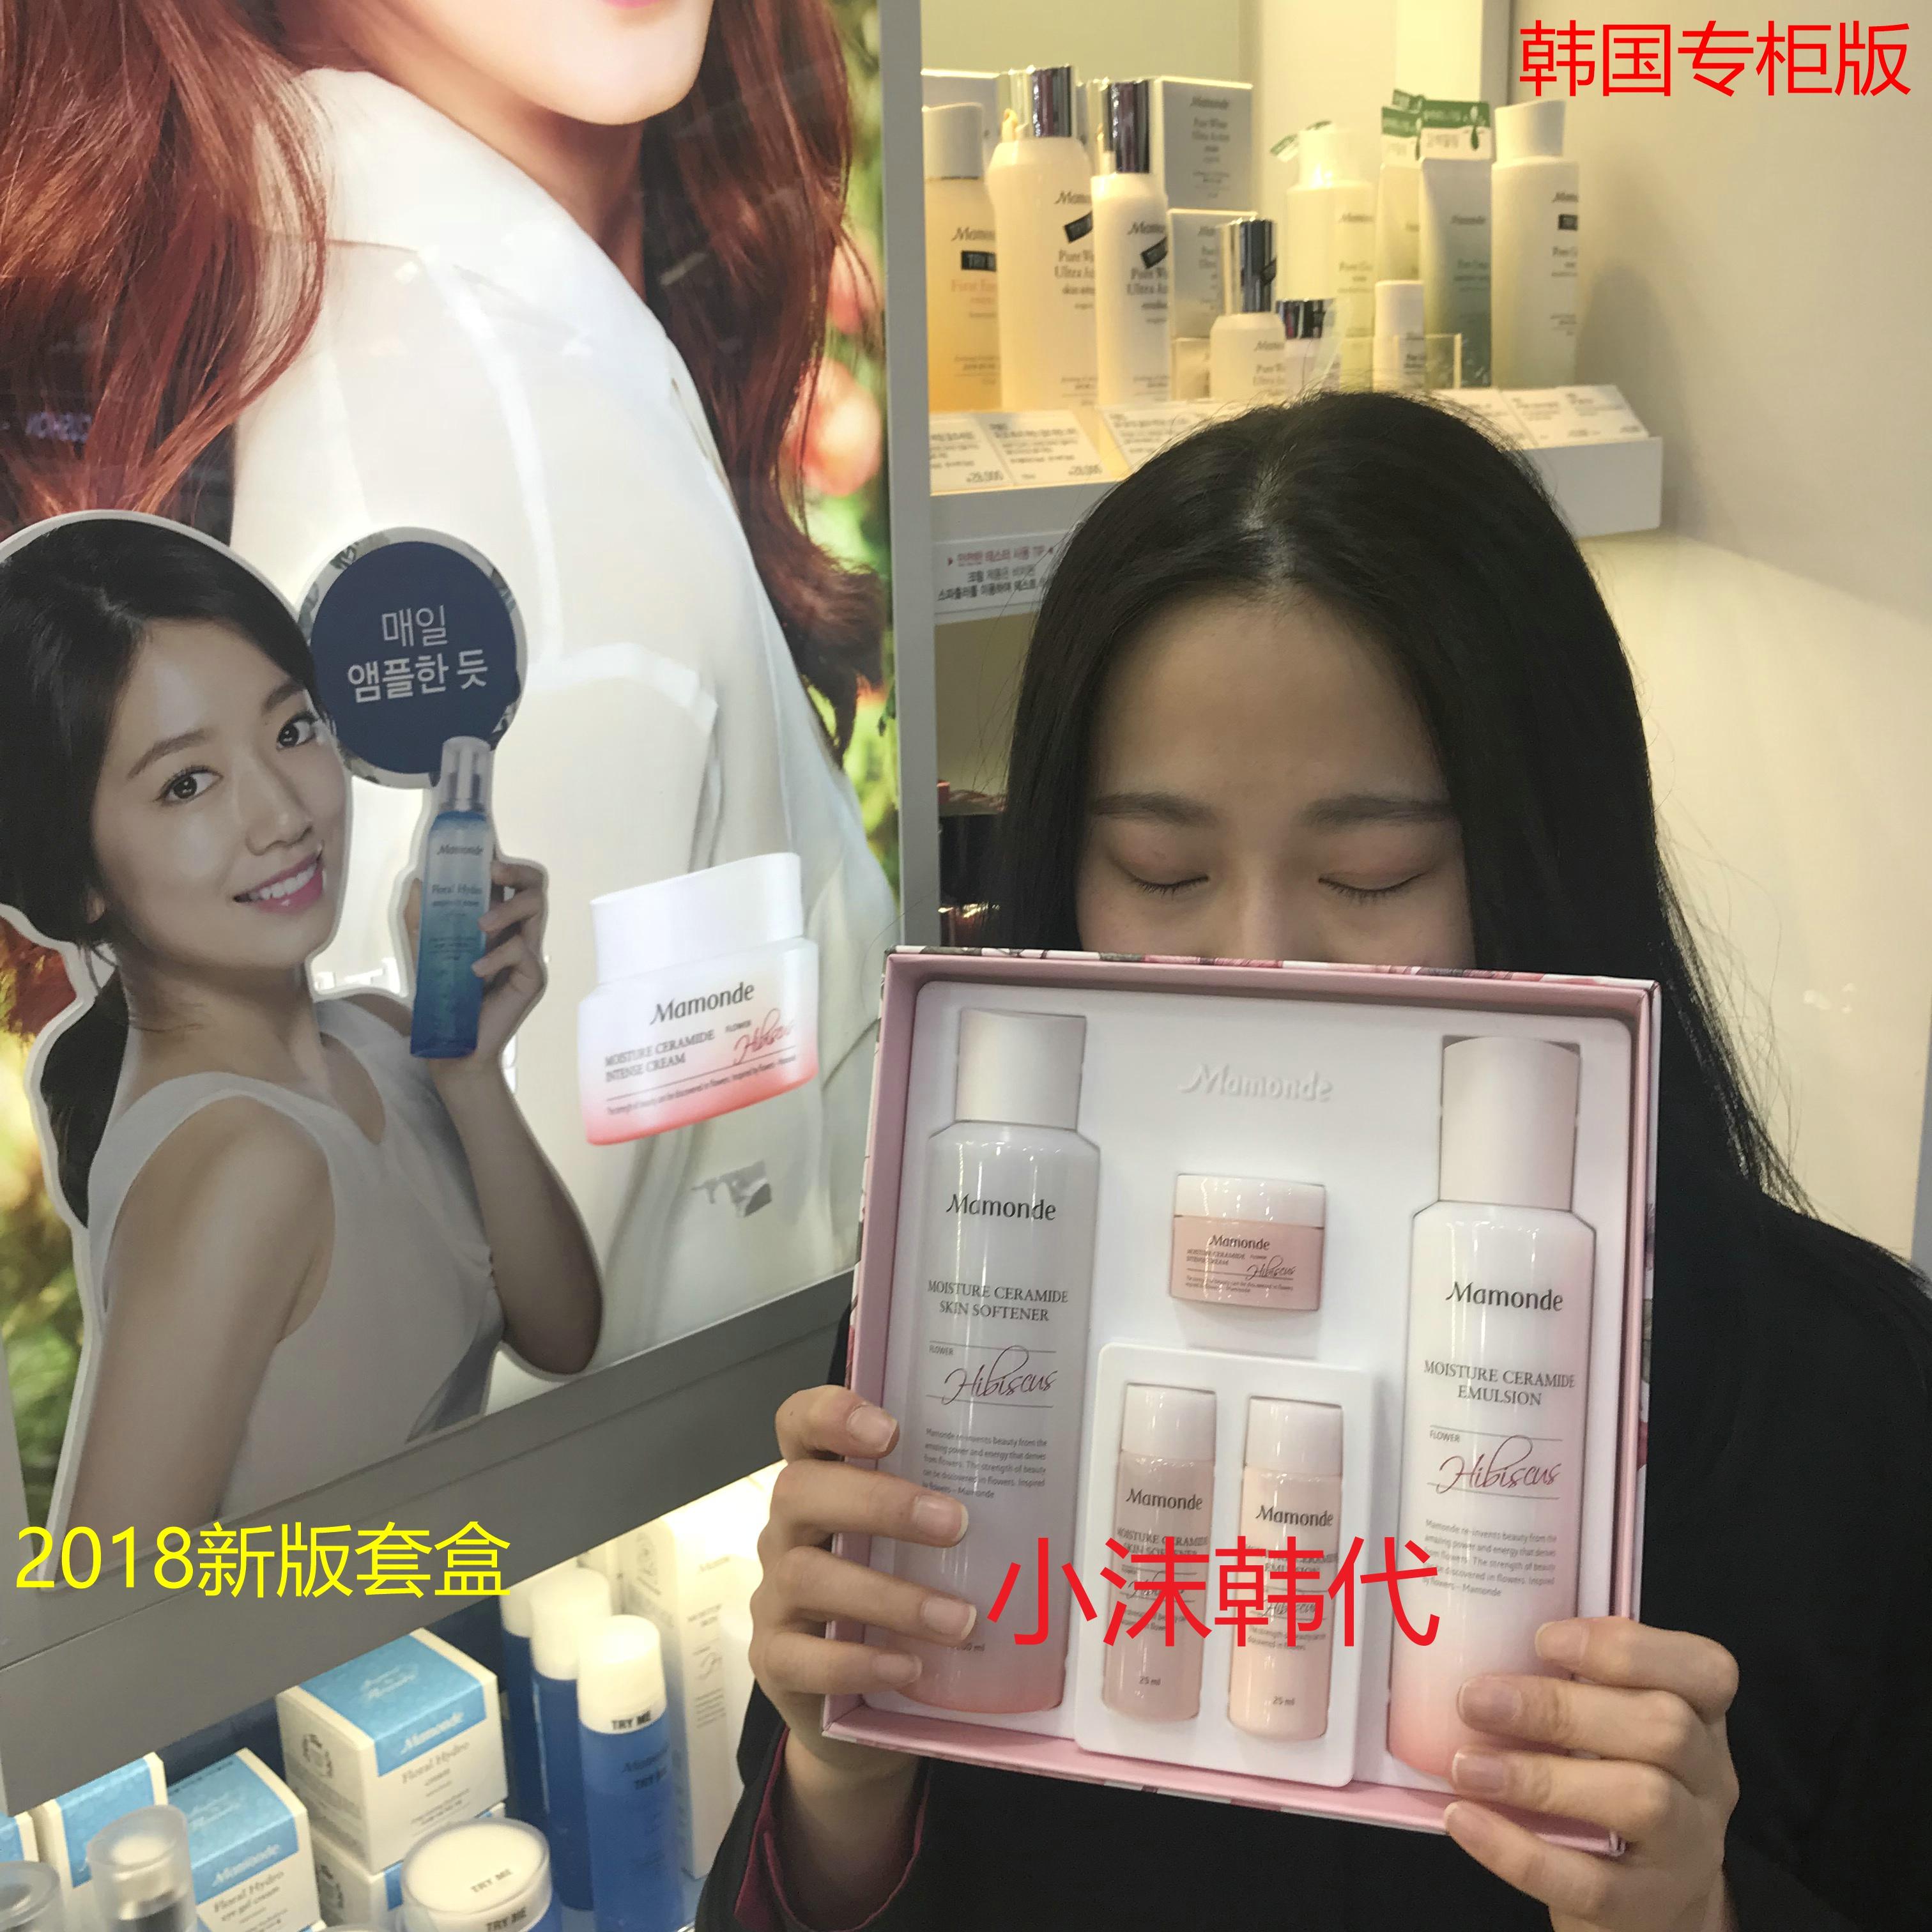 韓國專櫃正品Mamonde夢妝新版木槿花水源高保溼水乳套裝套盒/面霜